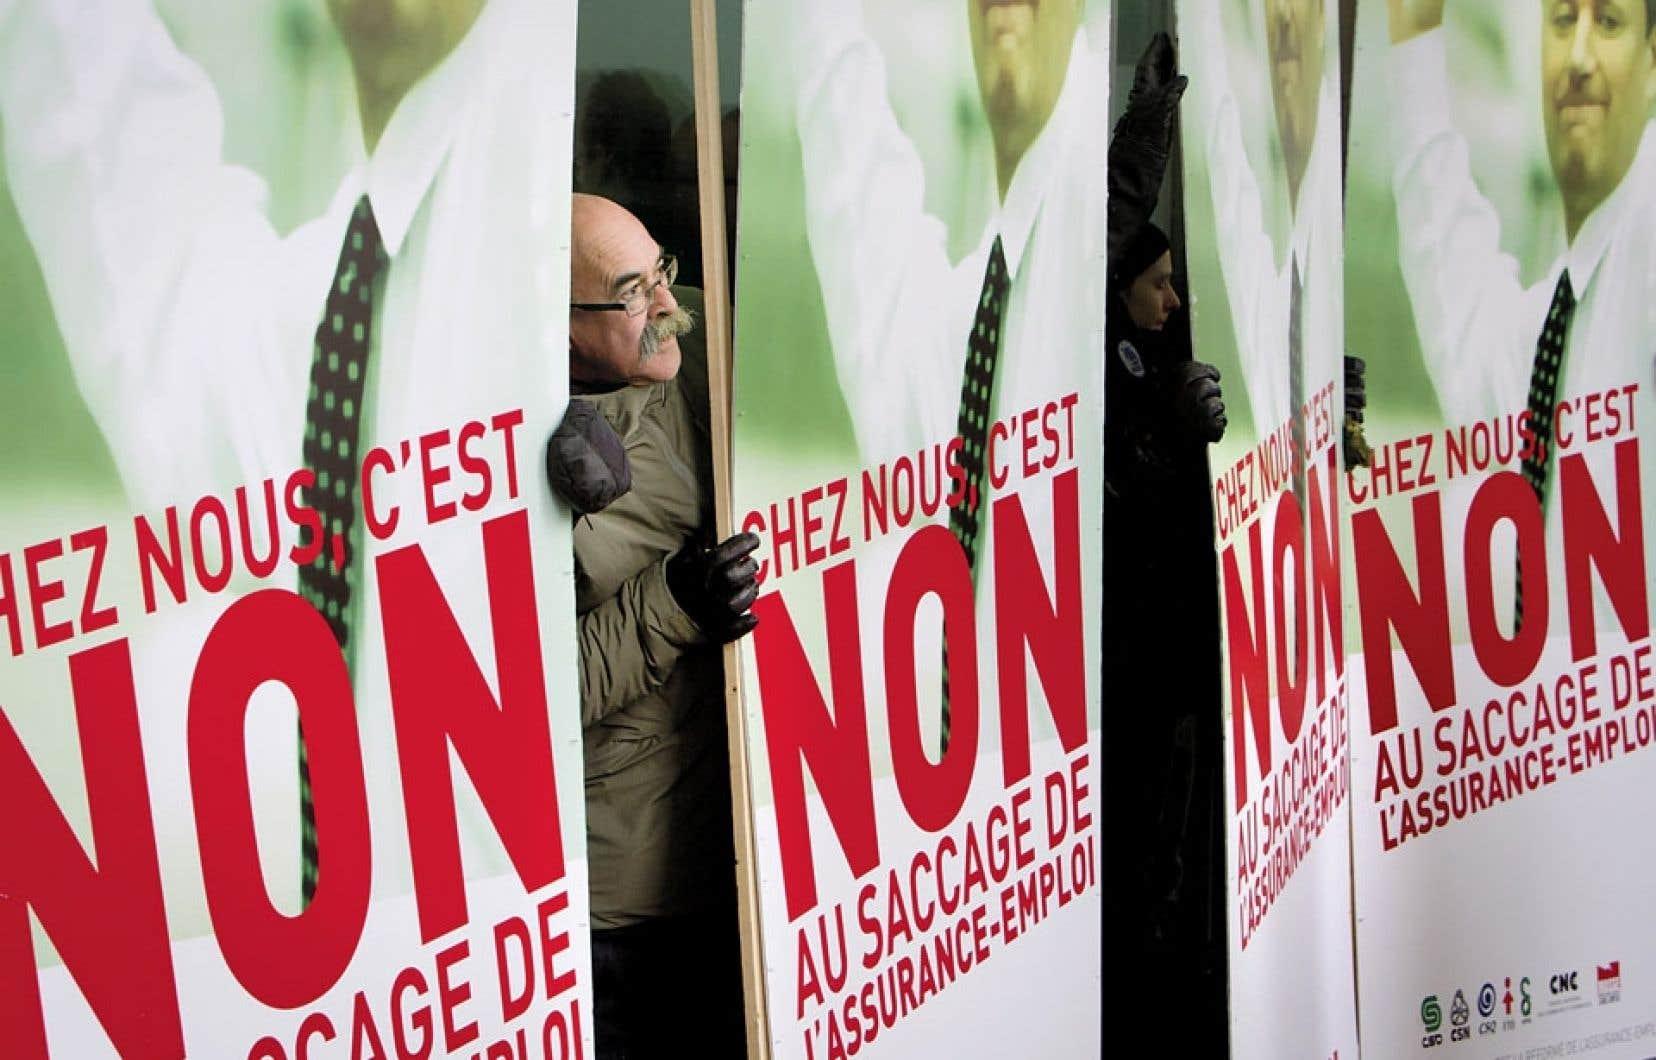 Les centrales syndicales et des groupes de chômeurs ont annoncé lundi la création d'un front commun québécois pour lutter contre la réforme de l'assurance-emploi. La conférence de presse s'est déroulée devant le complexe Guy-Favreau, à Montréal, qui abrite plusieurs bureaux fédéraux.